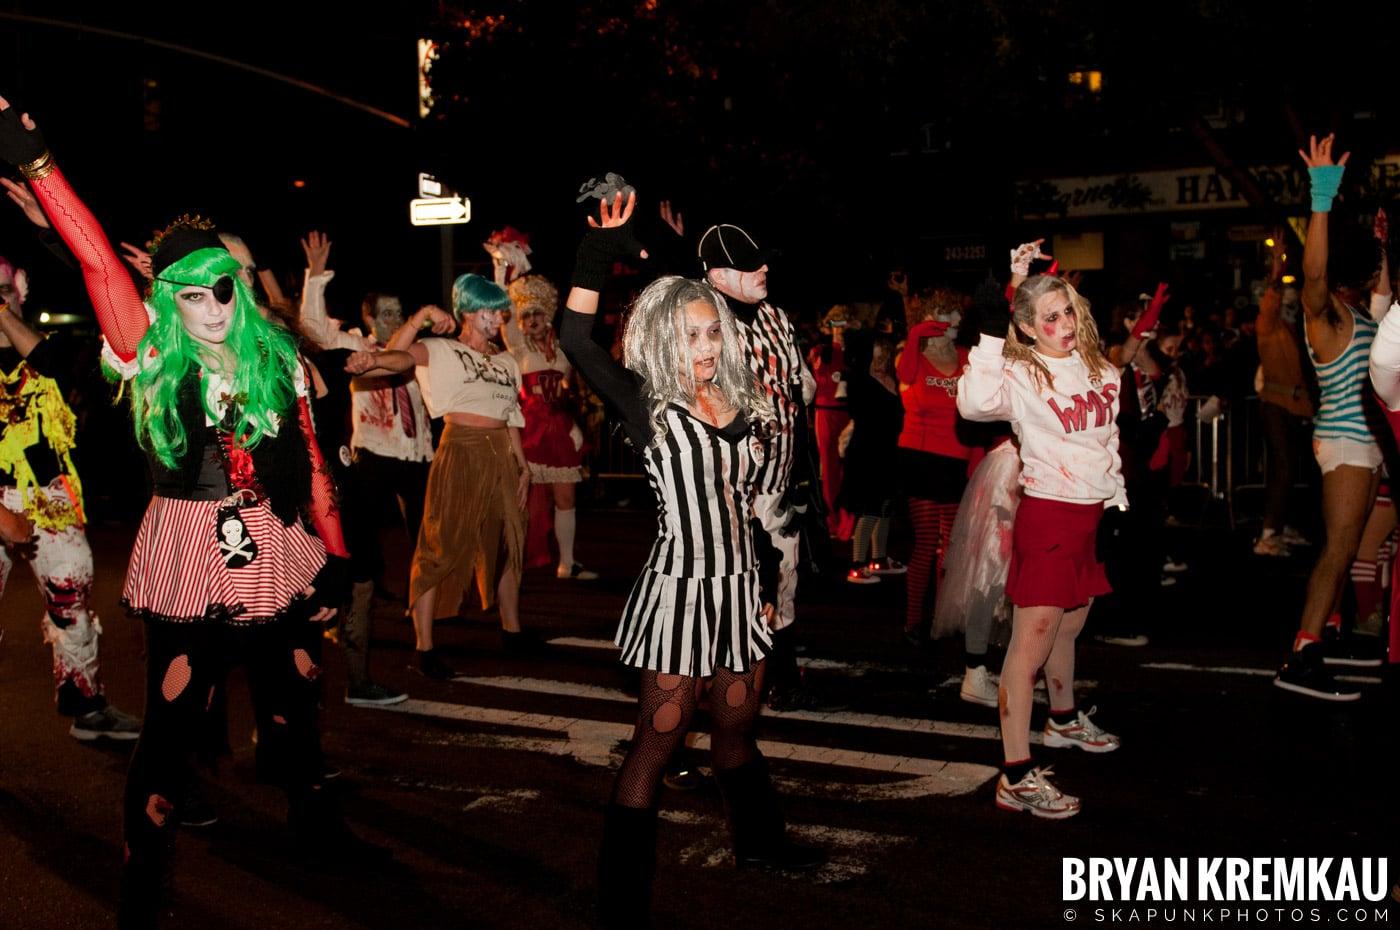 NYC Halloween Parade 2011 @ New York, NY - 10.31.11 (71)